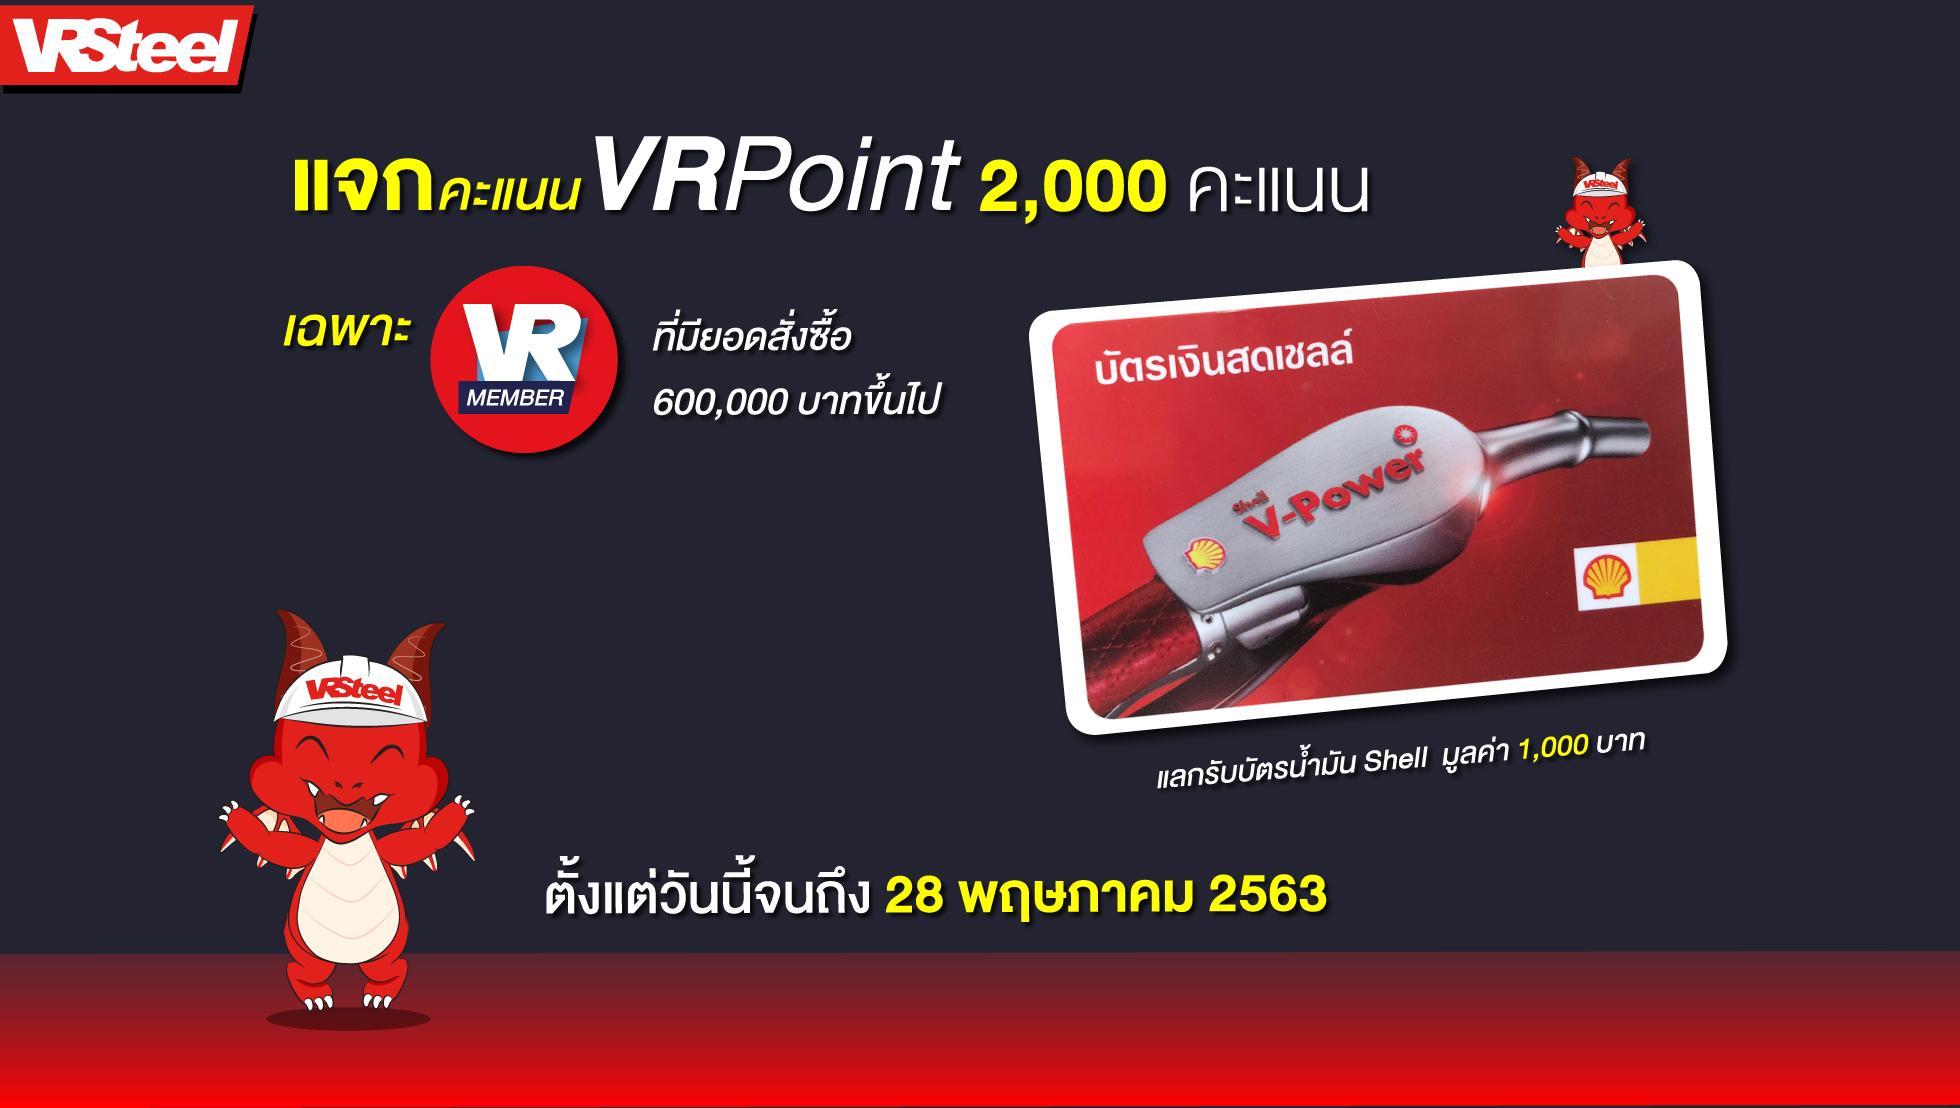 แจกคะแนน VR Point 2,000 คะแนน แลกรับบัตรน้ำมัน Shell